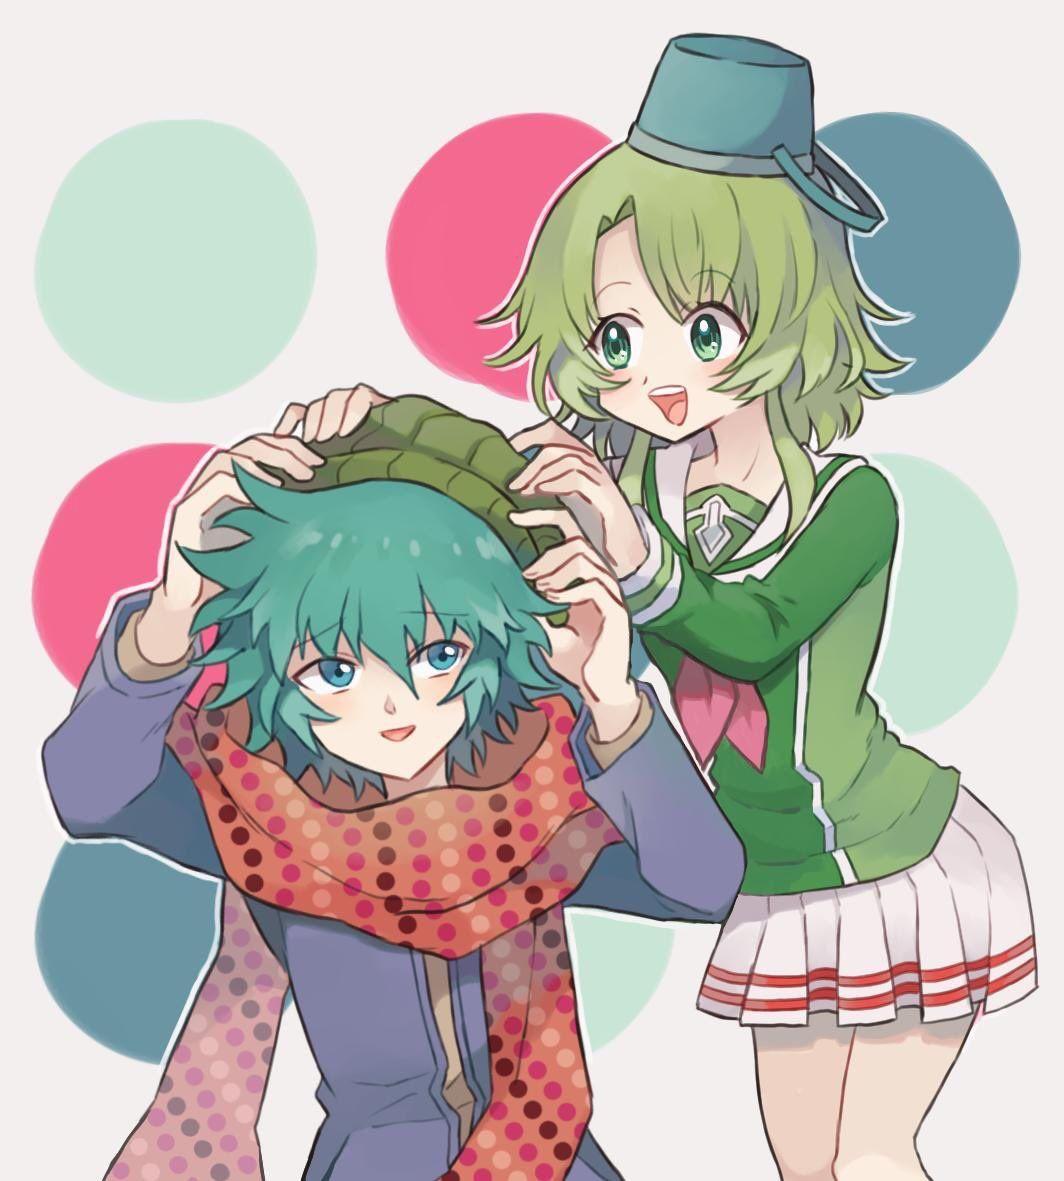 キミガシネ Twitter検索 / Twitter Rpg horror games, Cartoon, Anime